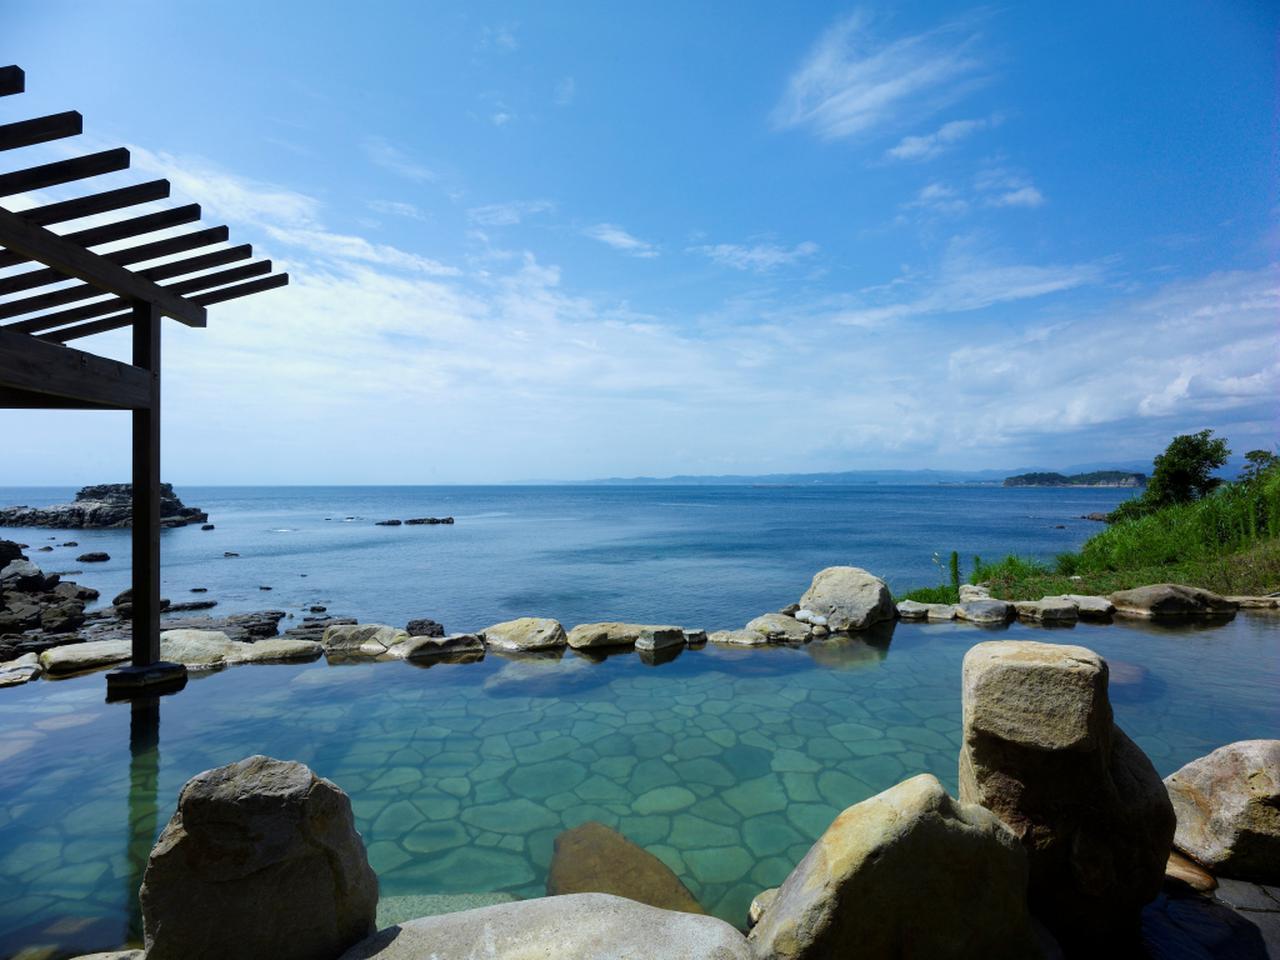 画像: 【浜千鳥の湯 海舟】大海原が広がる混浴露天風呂